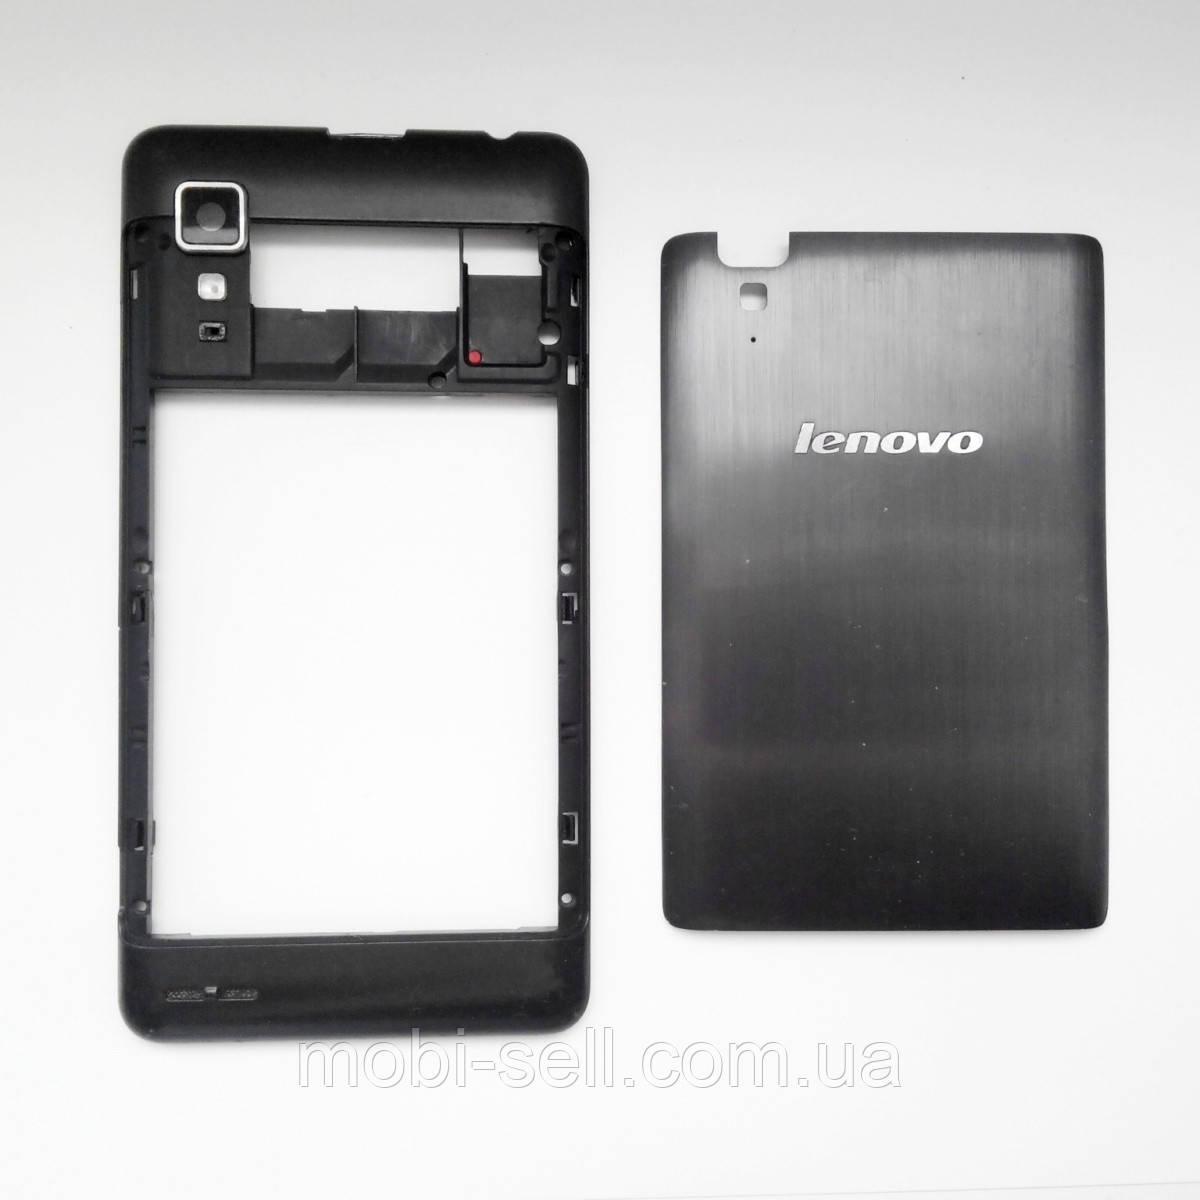 Lenovo P780 средняя часть корпуса + задняя крышка в сборе (Б/У, оригинал, разборка)